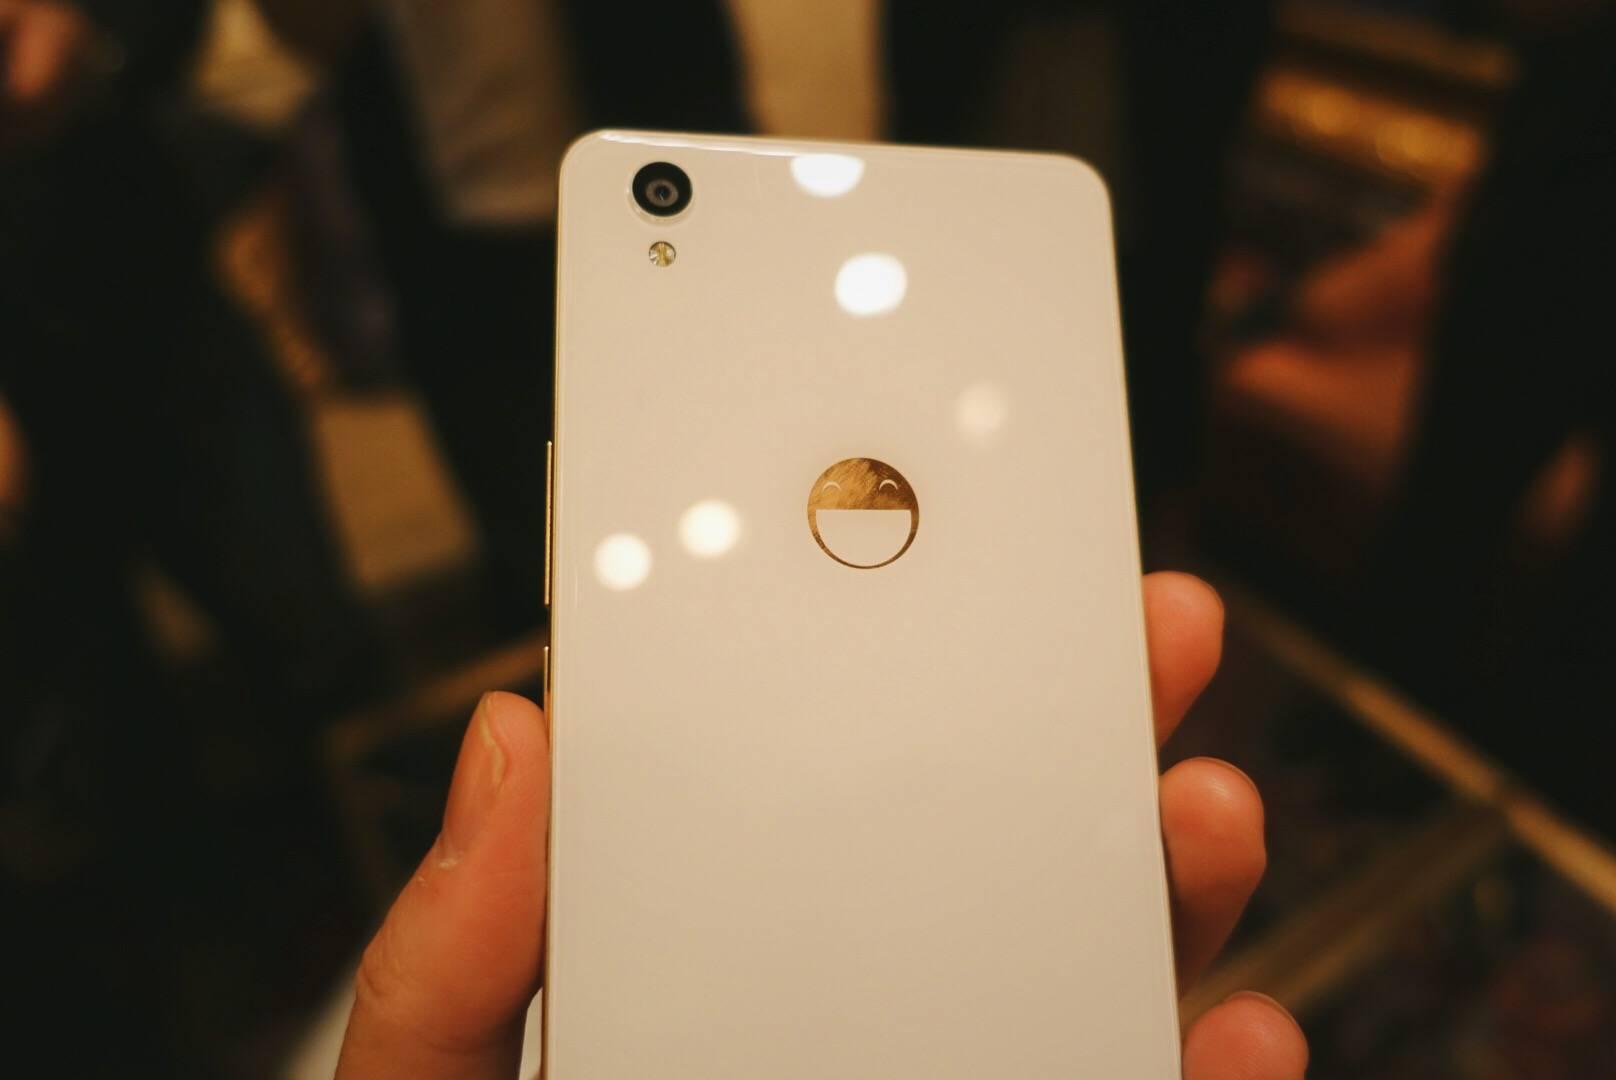 白色工程机,背面用笑脸替换了一加 Logo